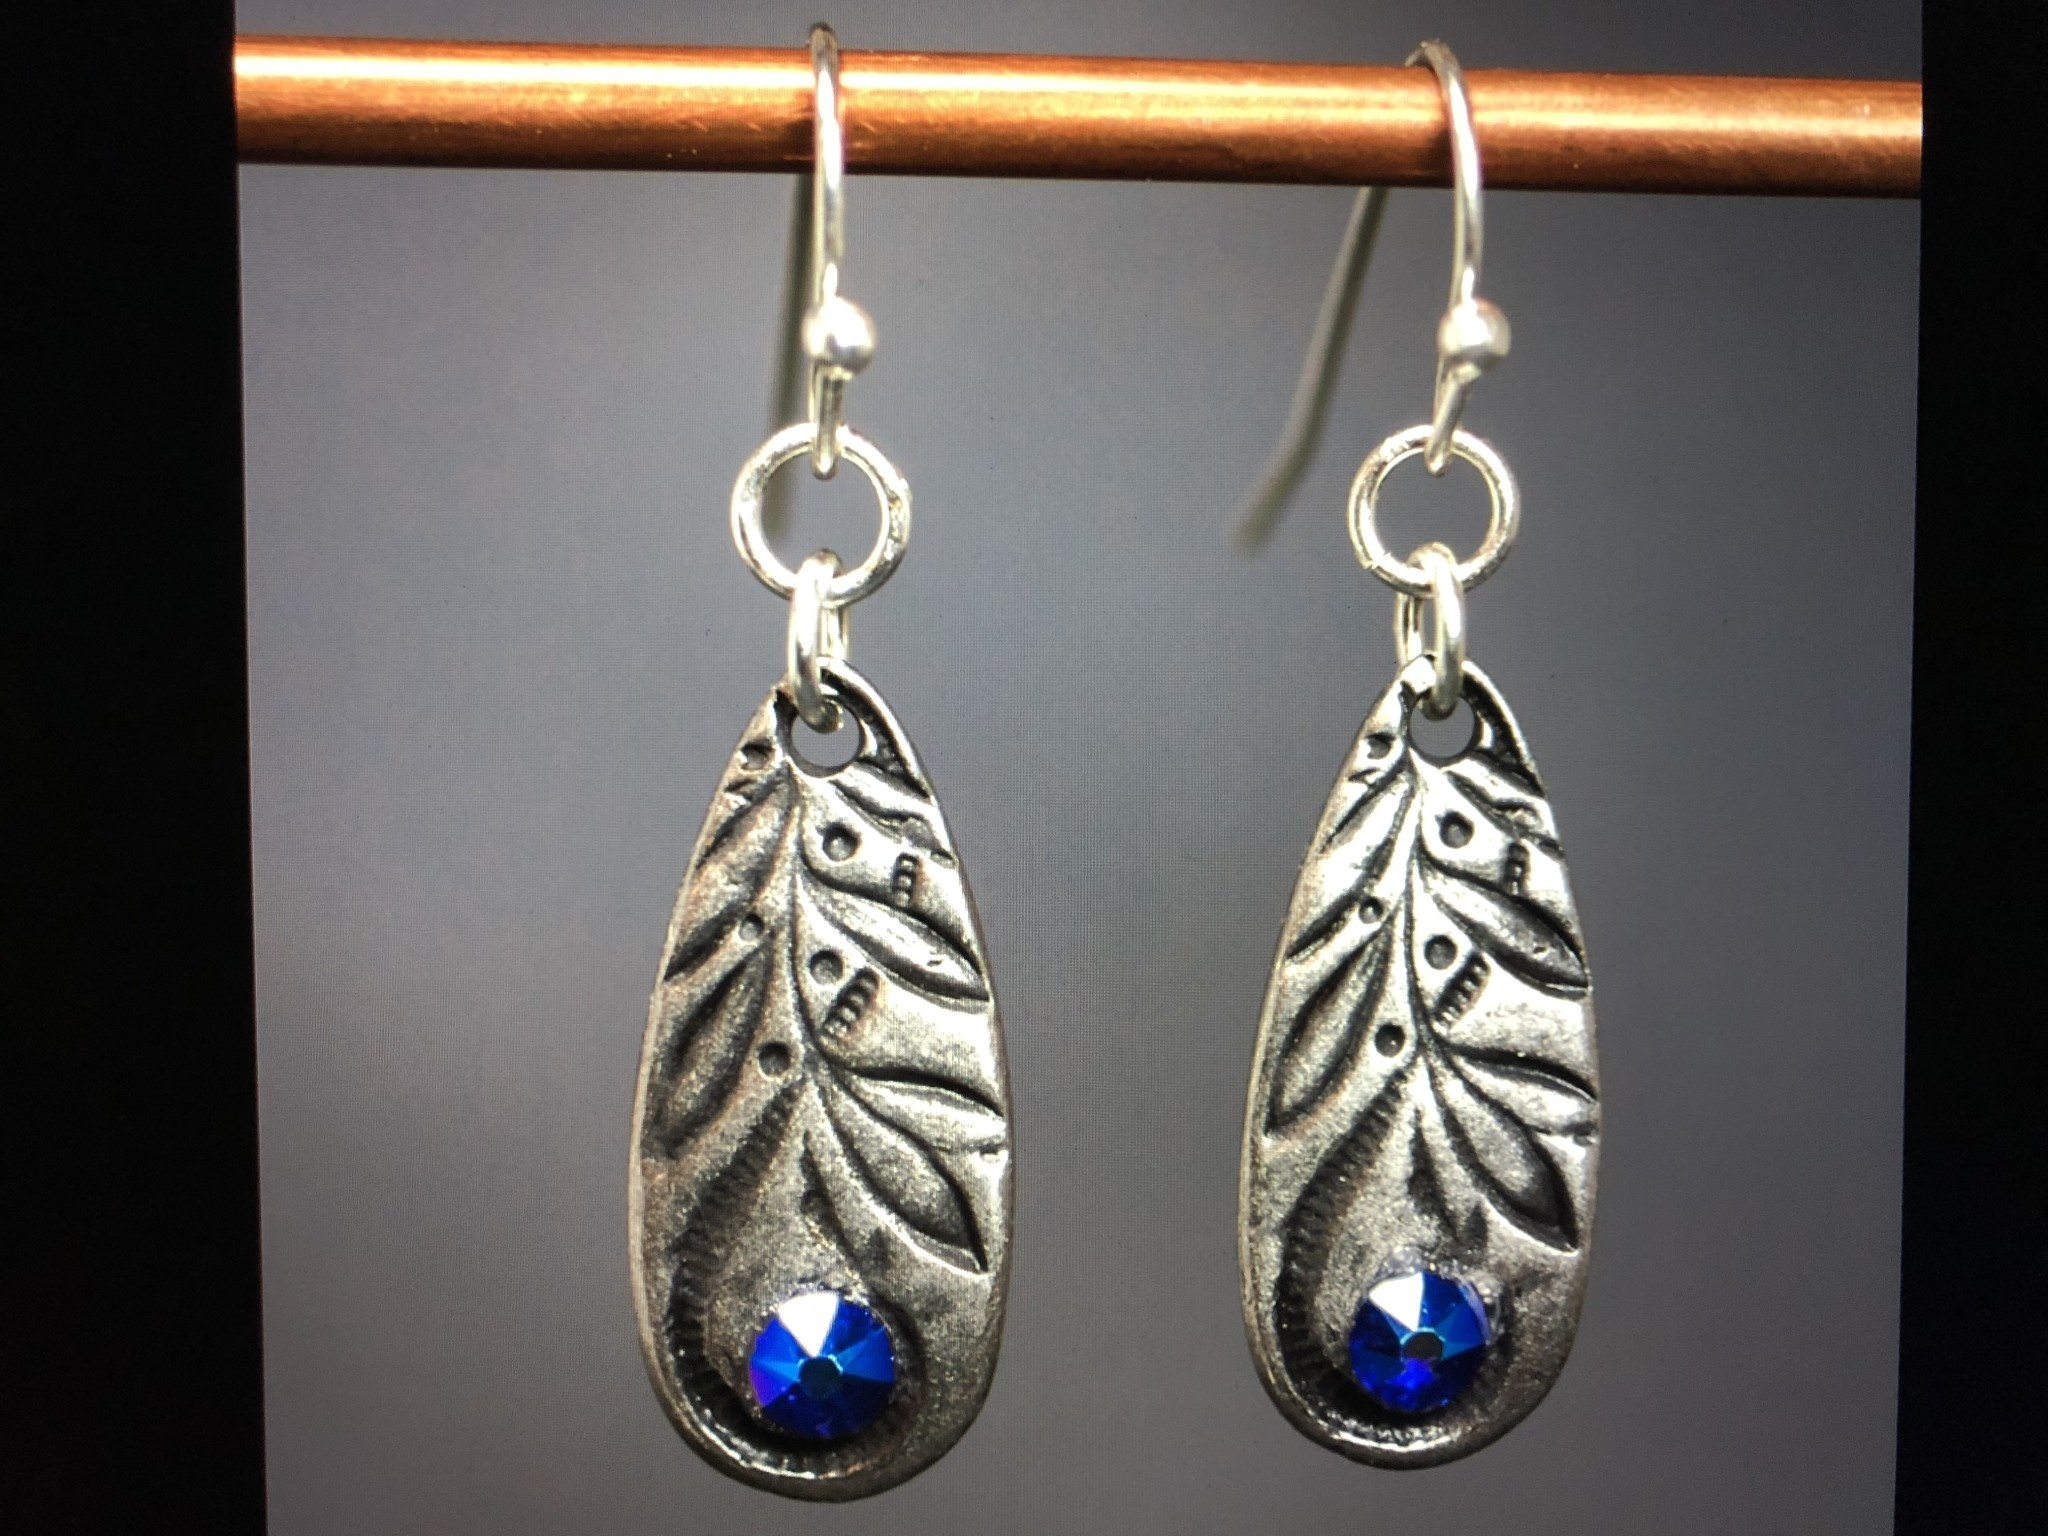 cool water jewelry EW550-69 Blue Jazz Stamped Teardrop & Crystal Earrings